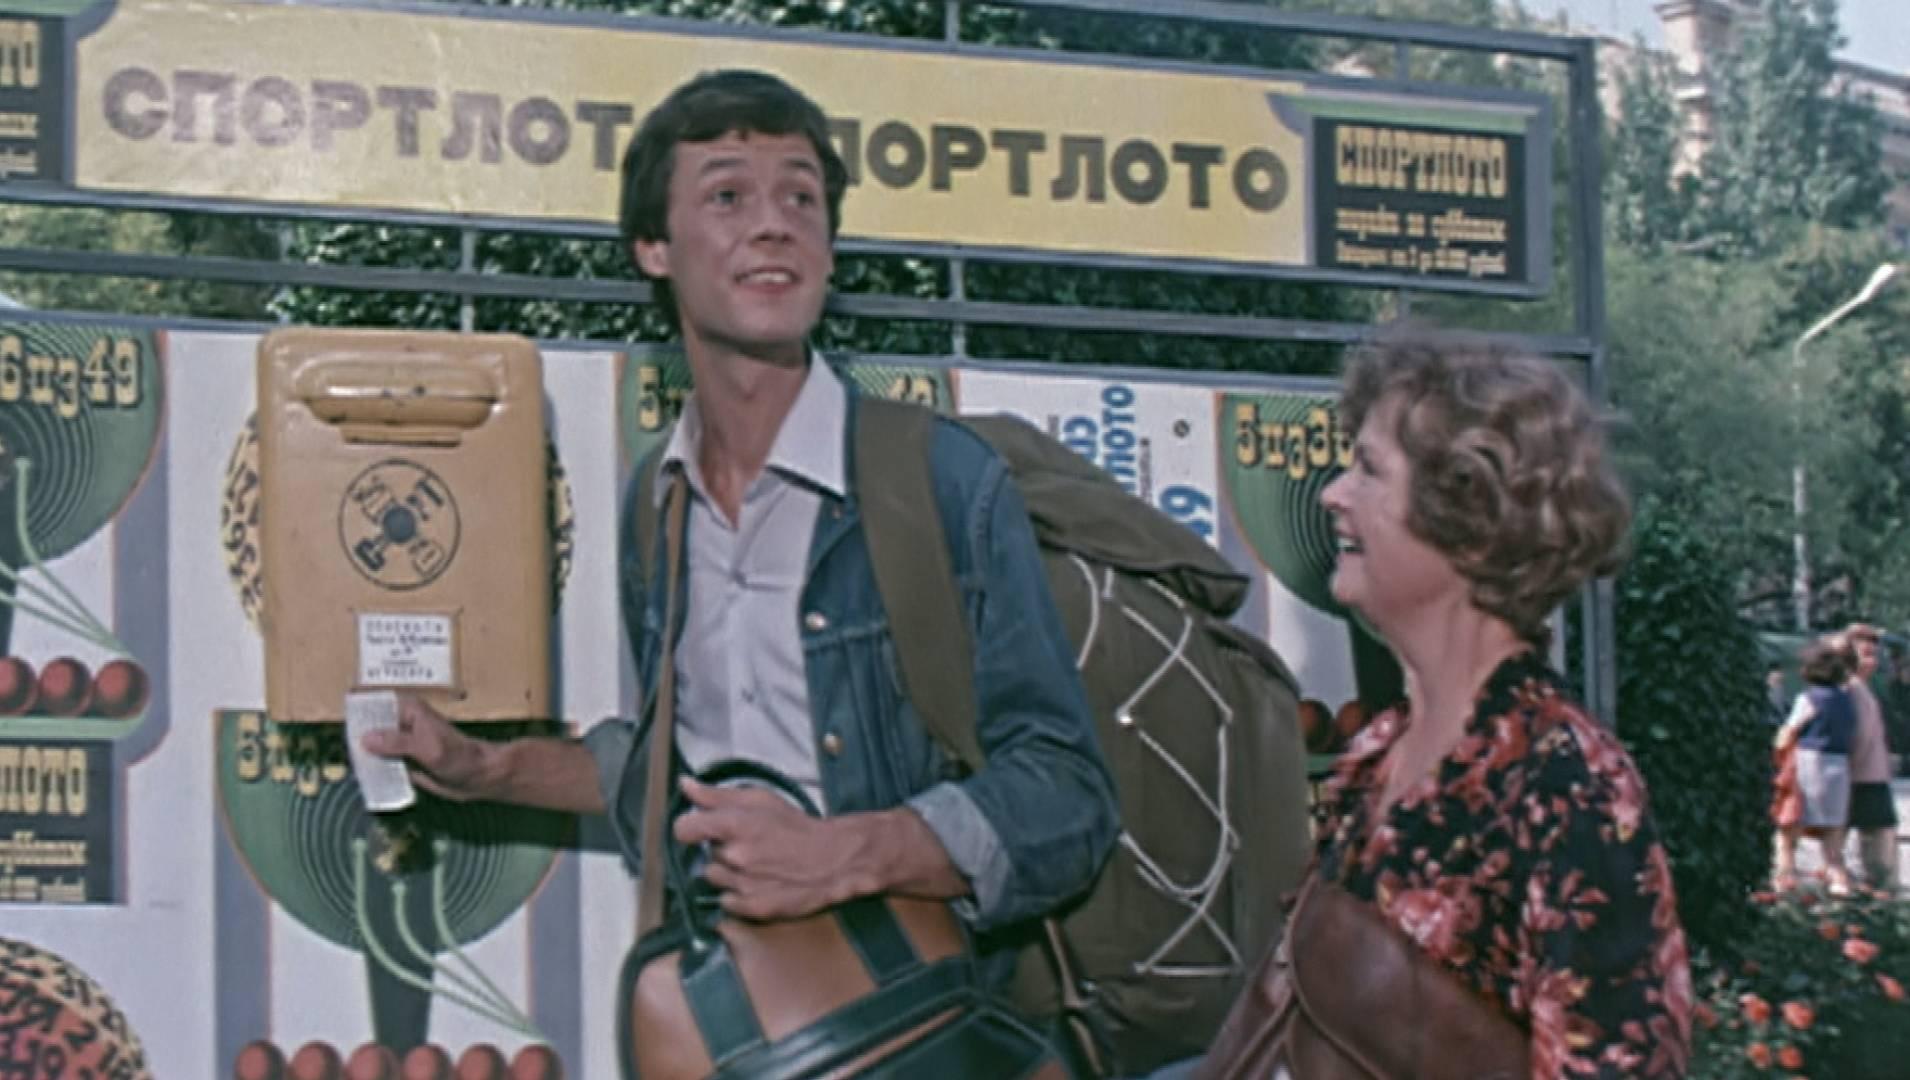 Спортлото-82 - Комедия, Фильм